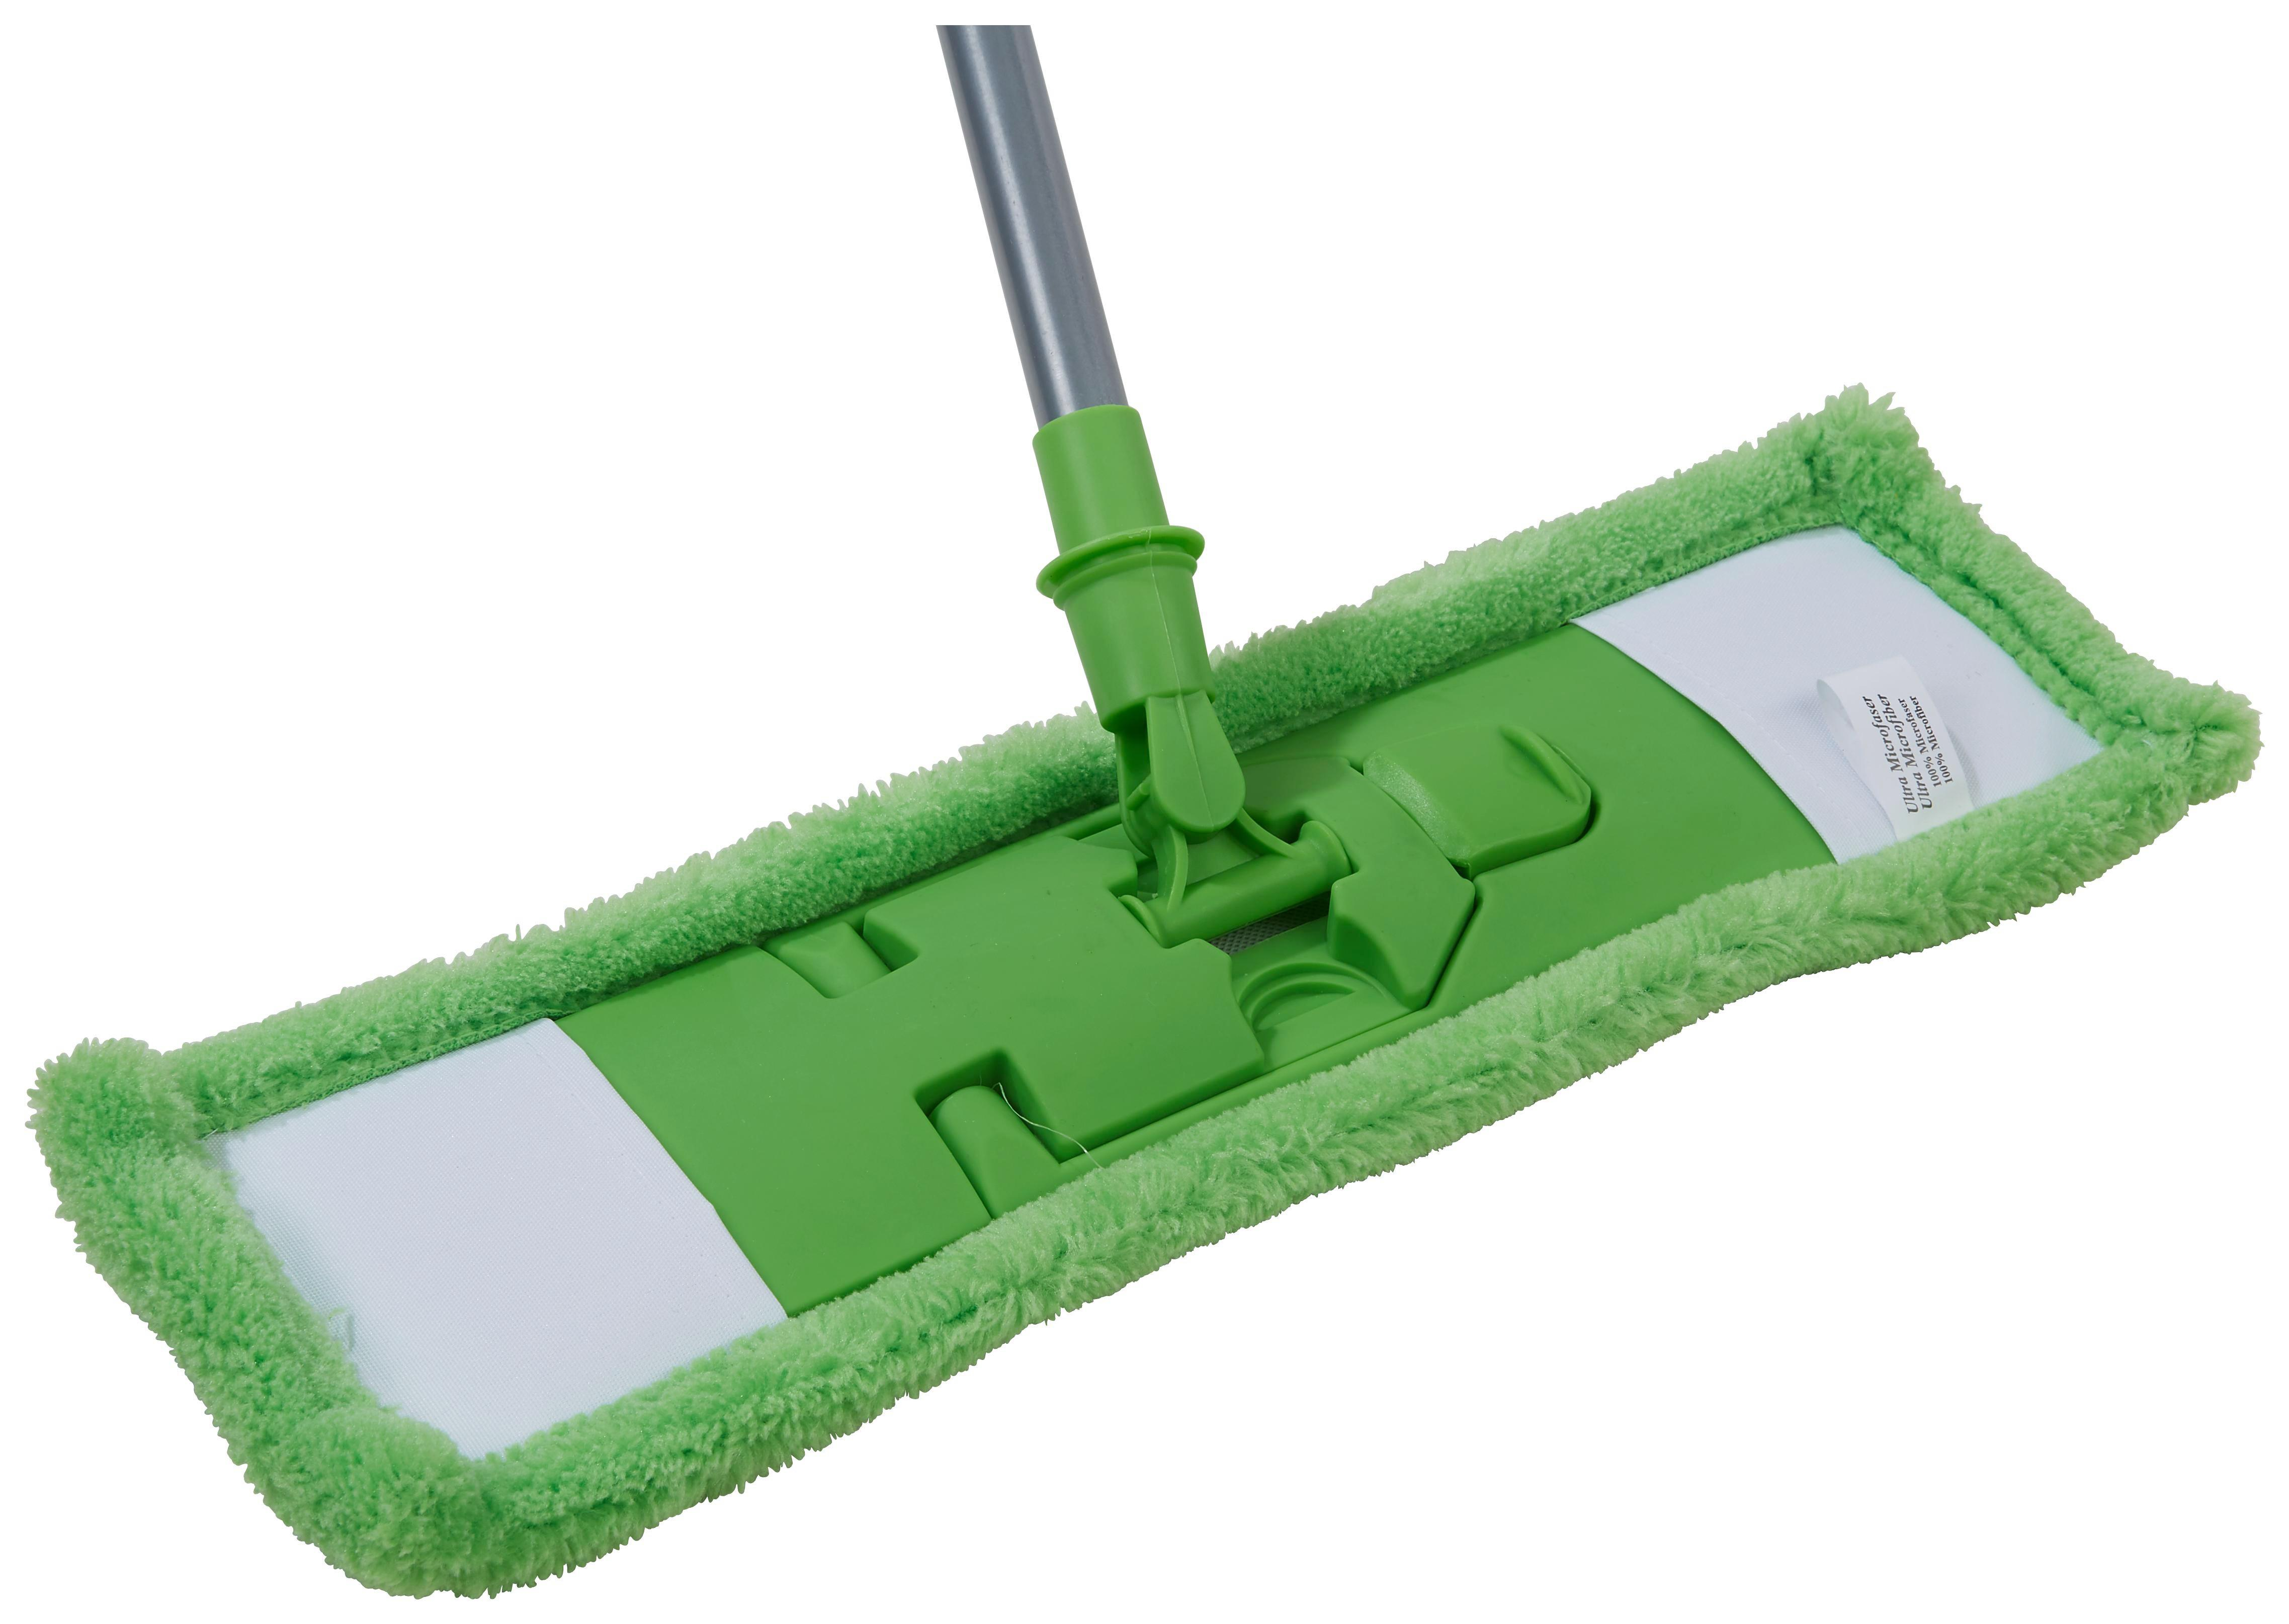 Felmosó Műanyag - kék/zöld, konvencionális, műanyag/textil (44/138cm)